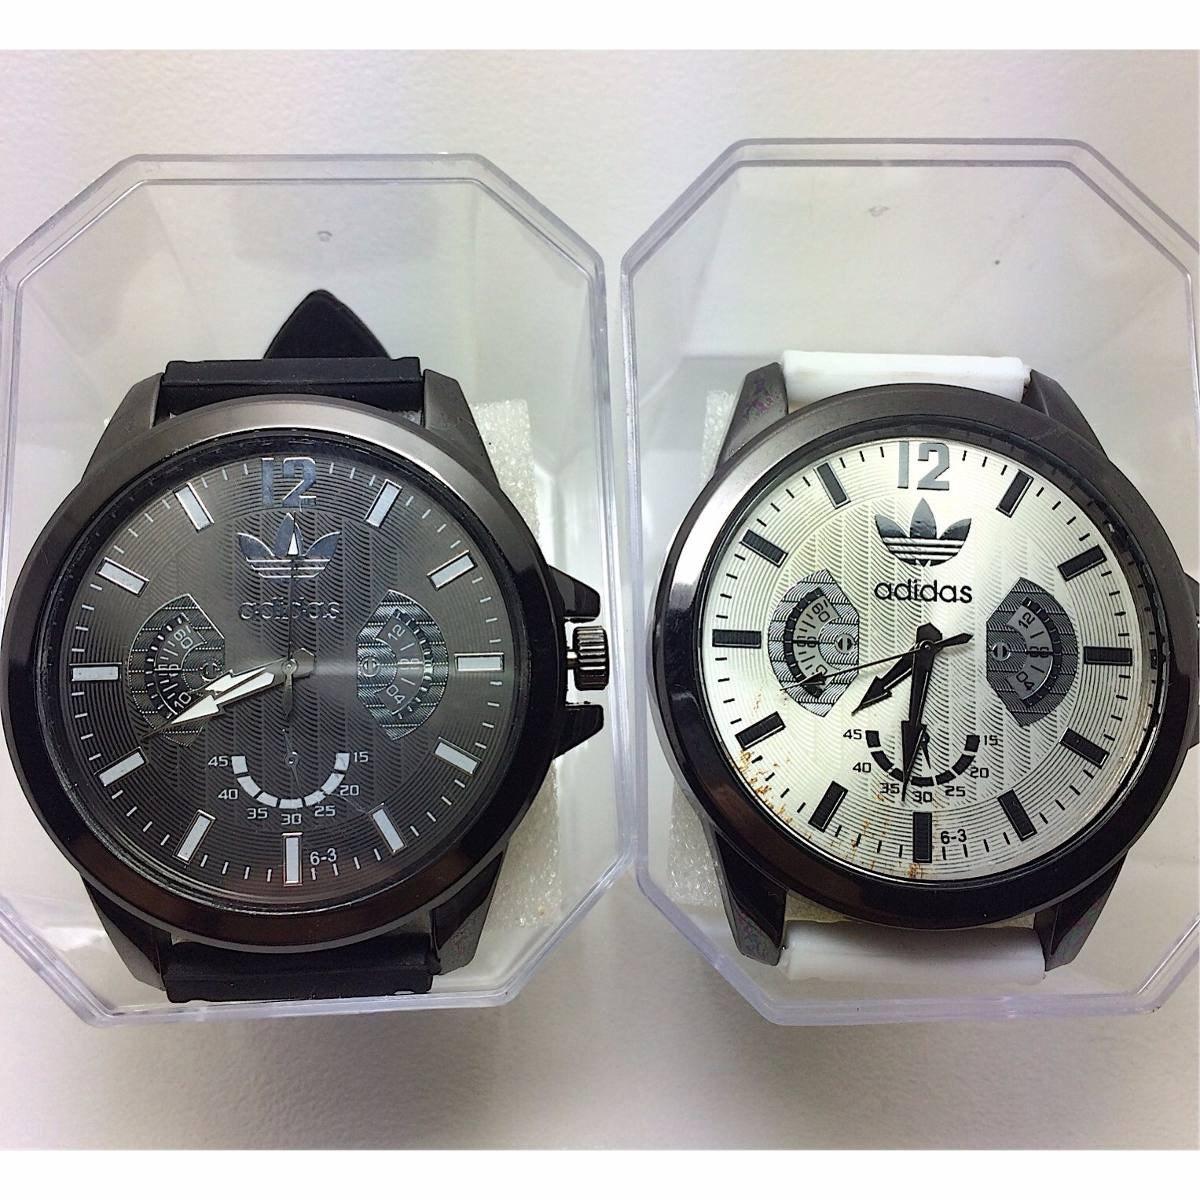 9b1a76c1883 kit 10 relógios masculinos atacado revenda silicone + caixa. Carregando  zoom.